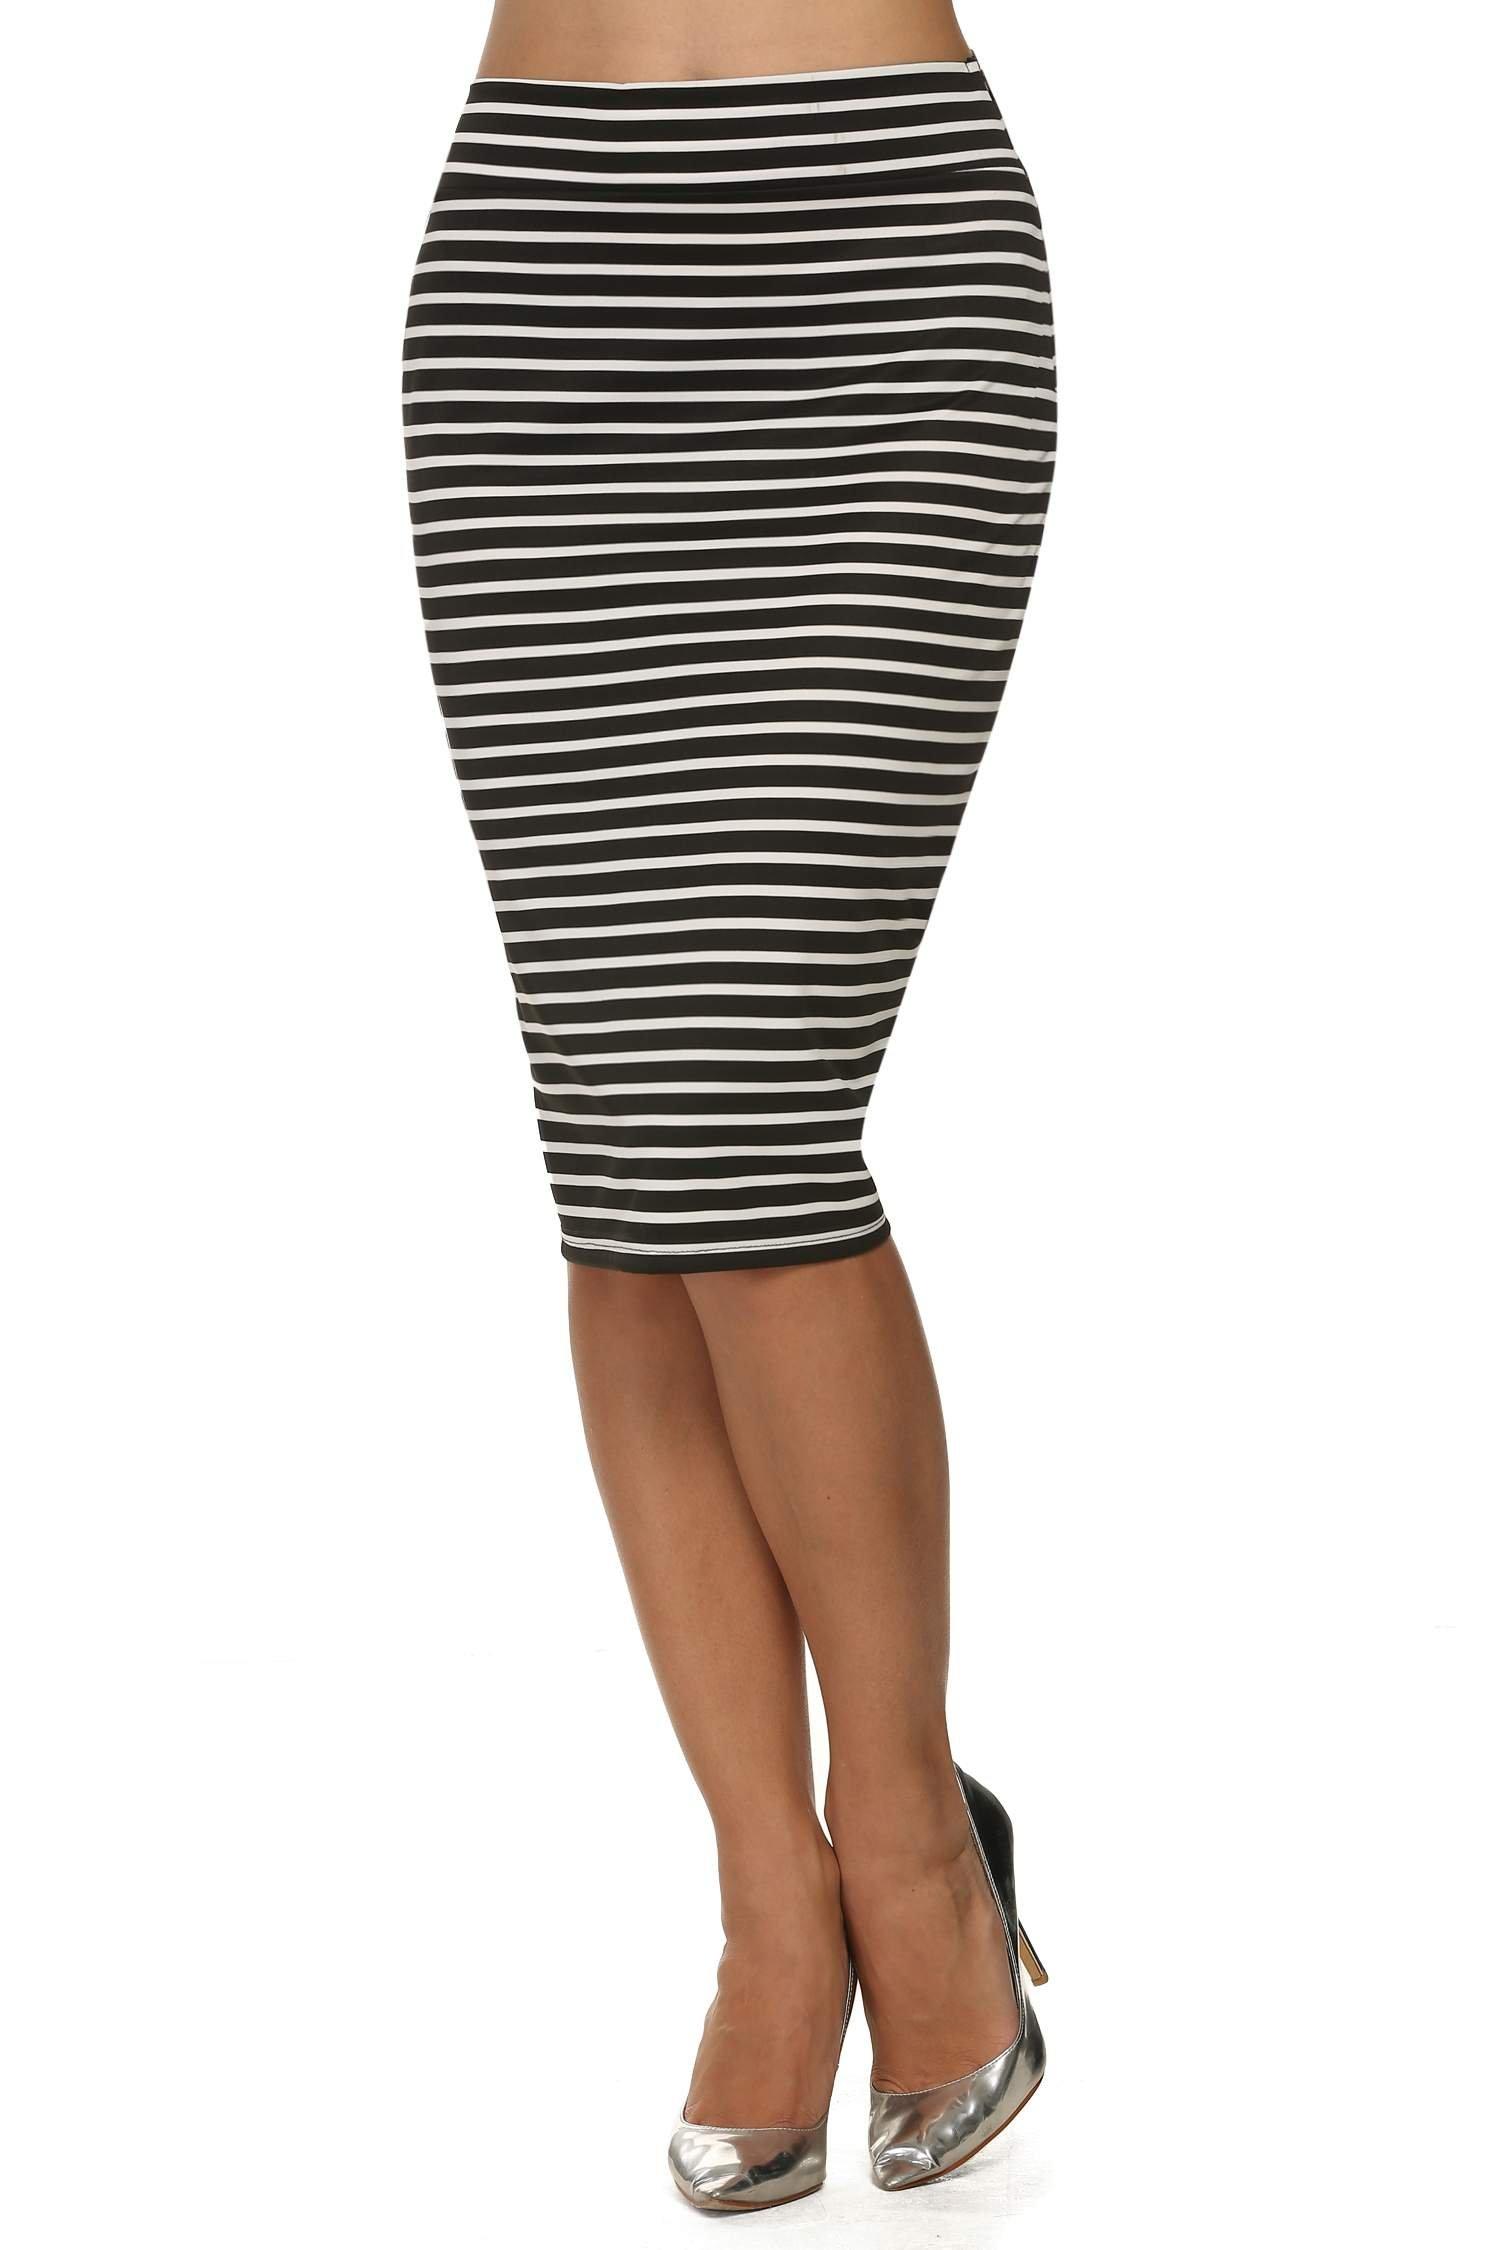 ACEVOG Womens Mid Length Wrap Style Pencil Skirt